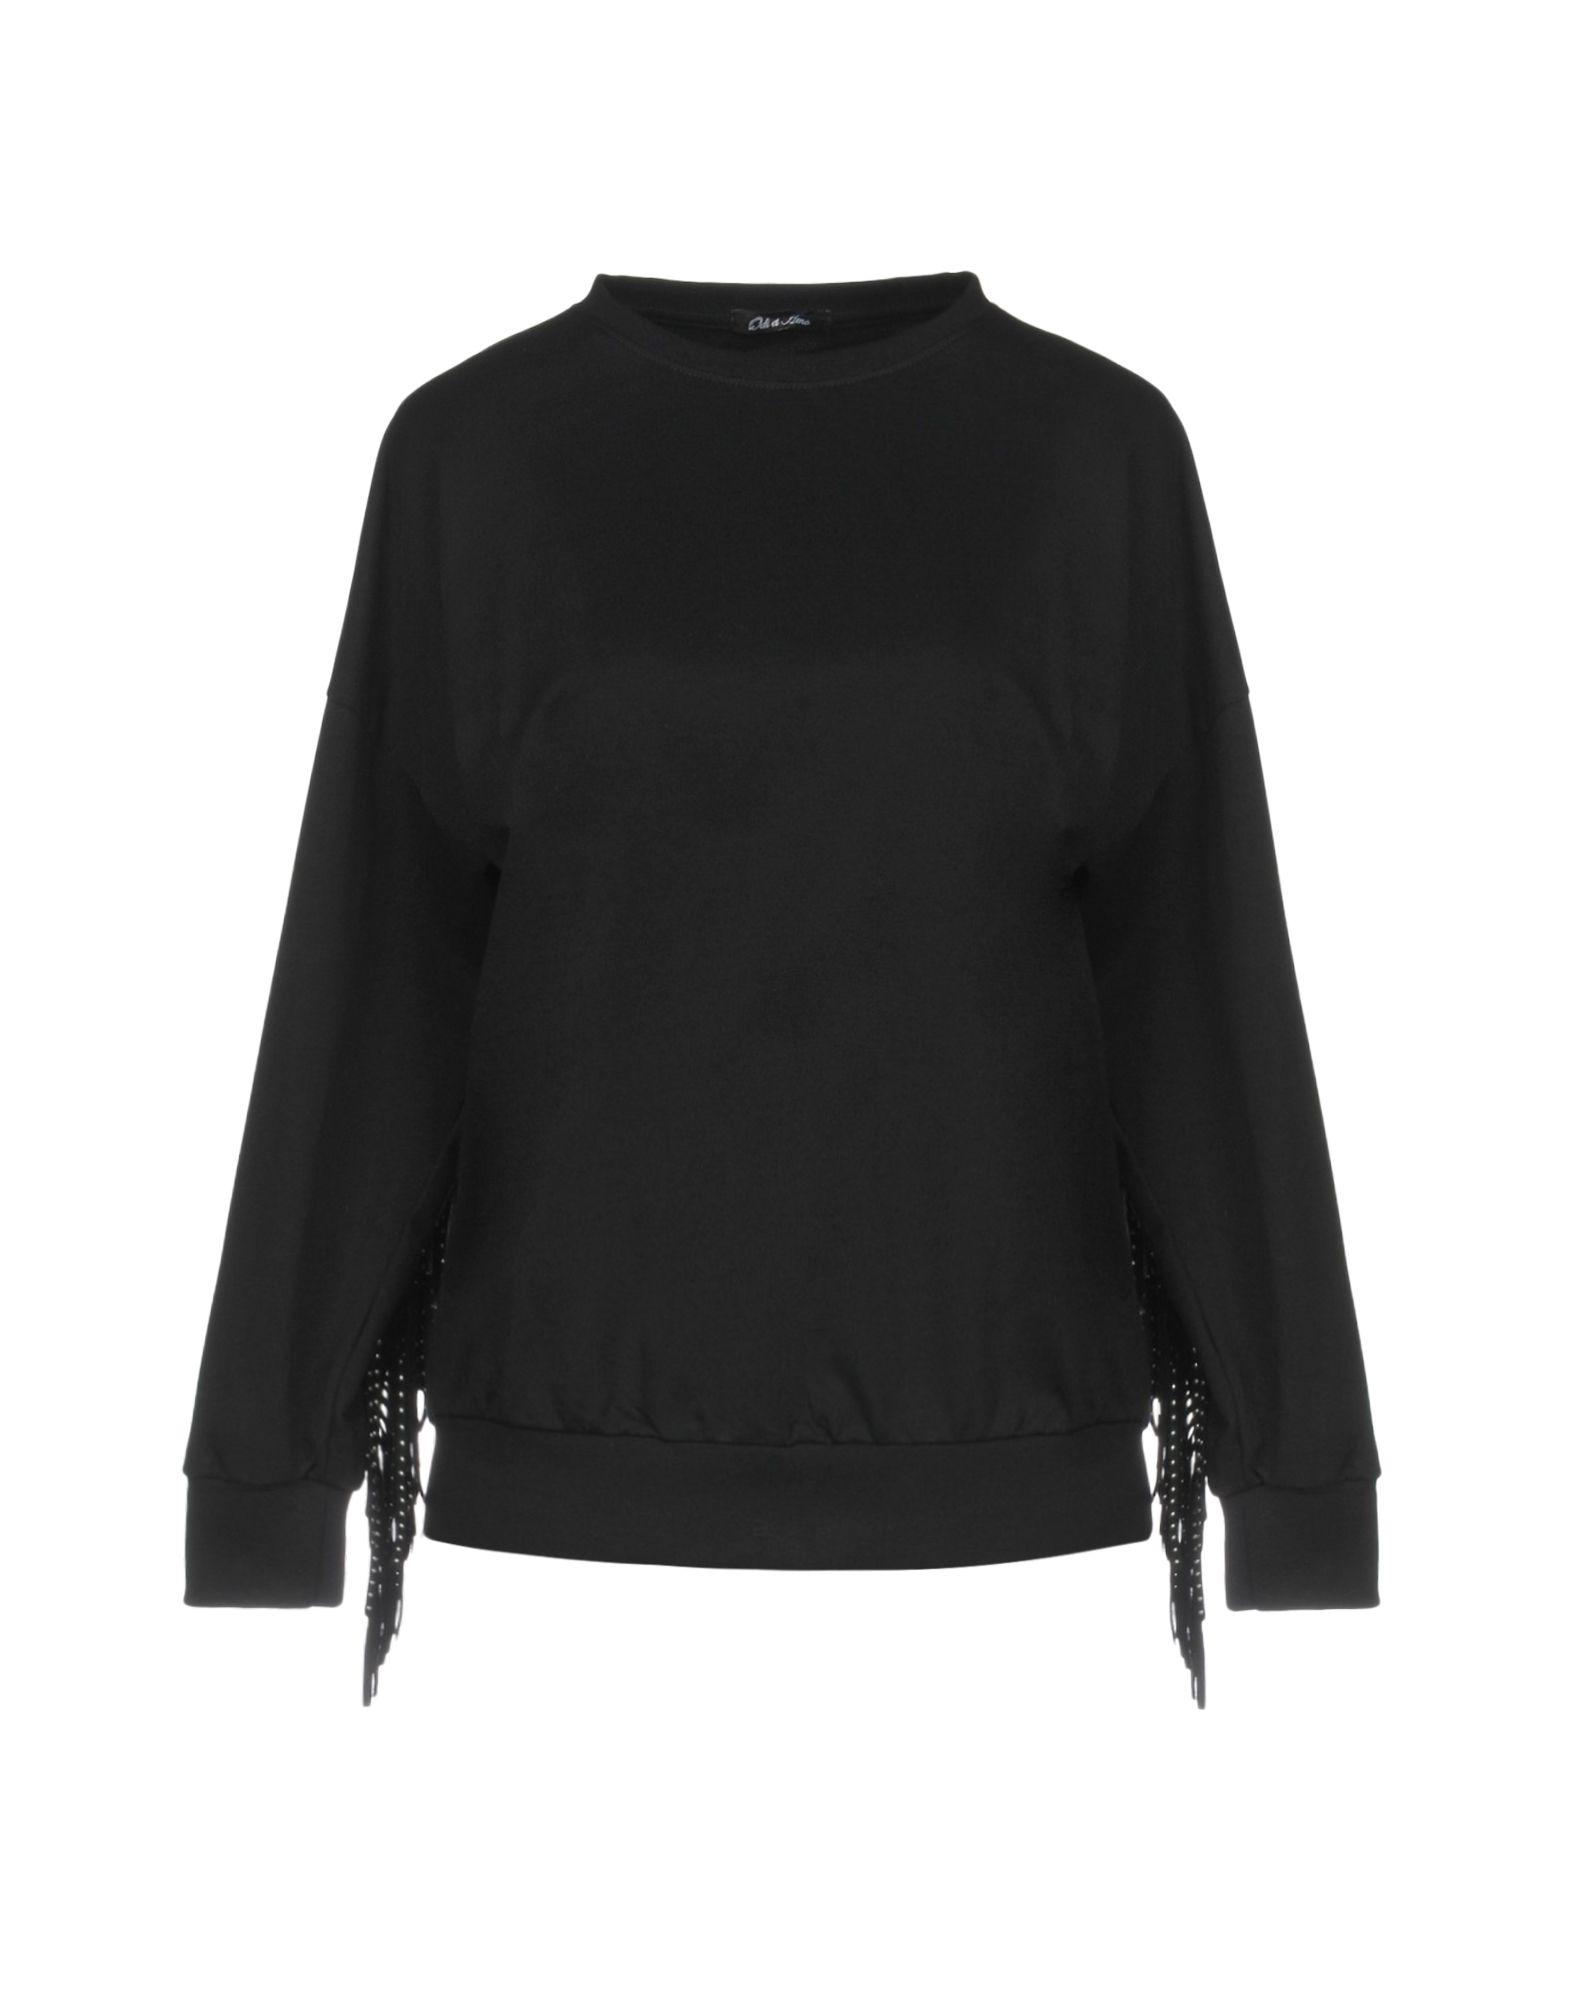 《期間限定セール中》ODI ET AMO レディース スウェットシャツ ブラック XS 100% コットン